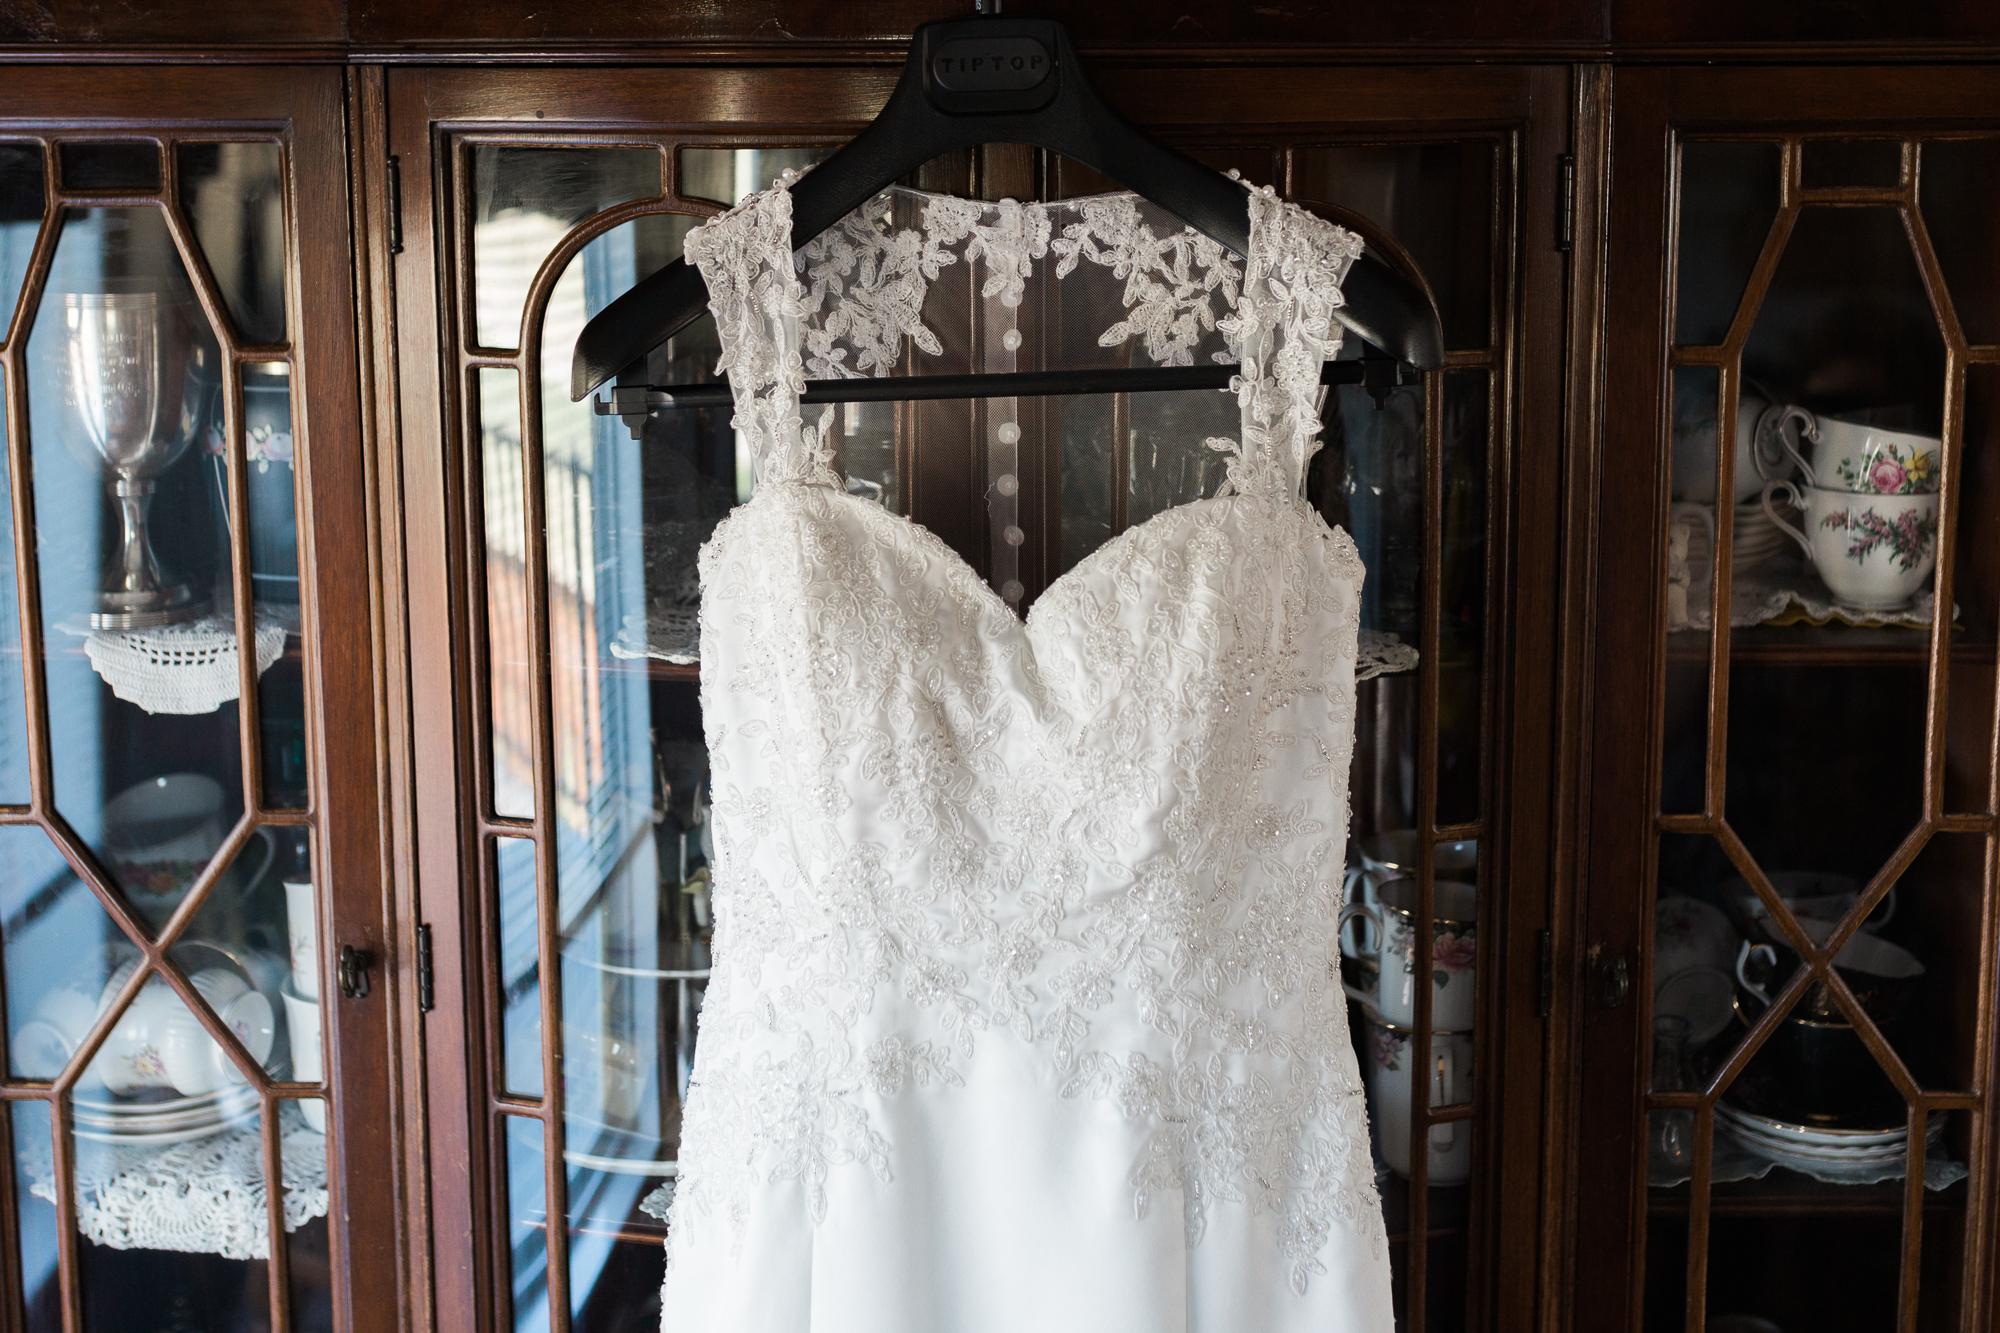 Deanna-Rachel-Photography-calgary-Wedding-photographer-jm-5.jpg